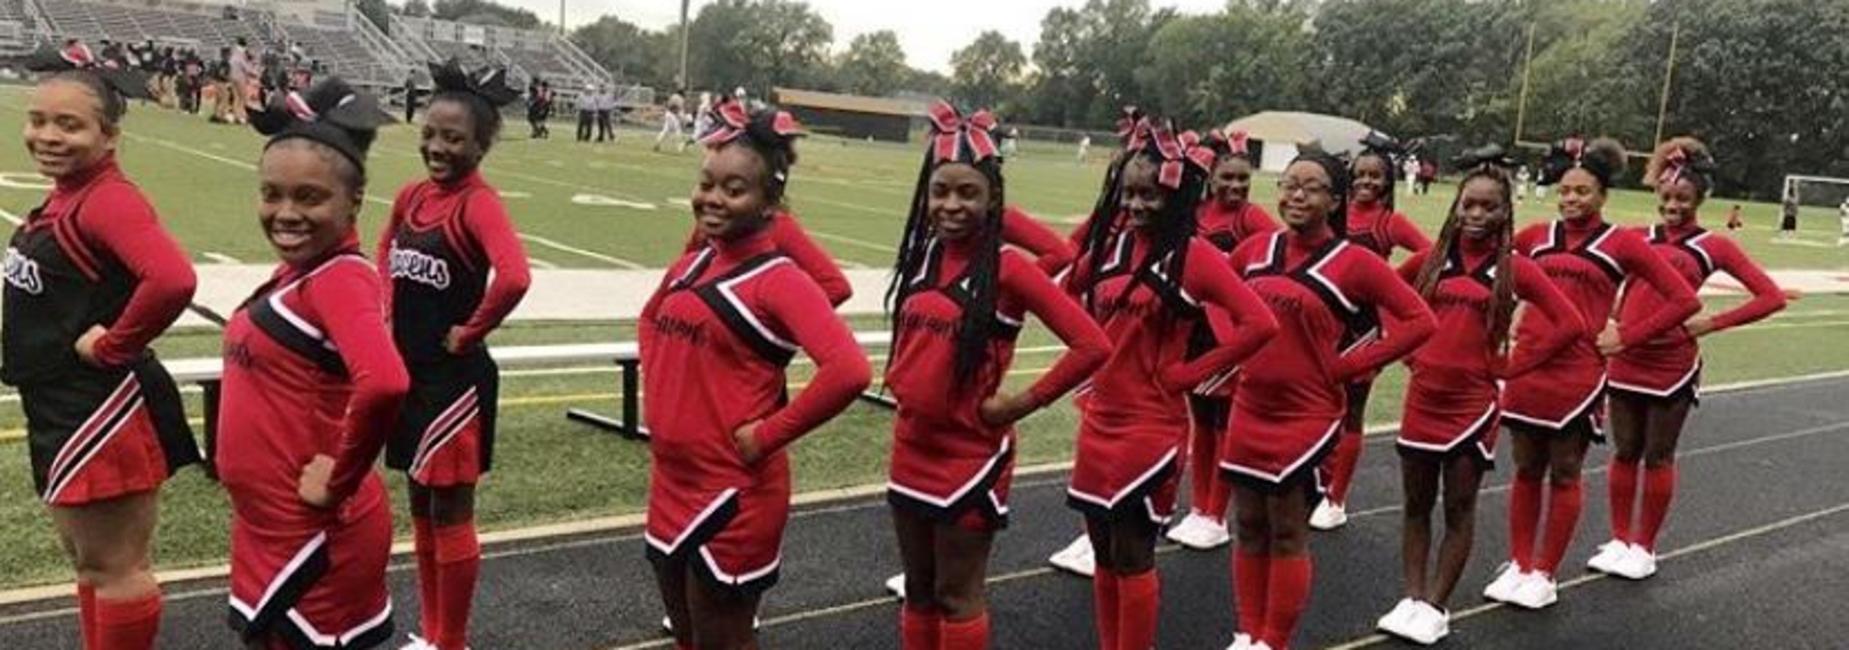 ORA Cheerleaders